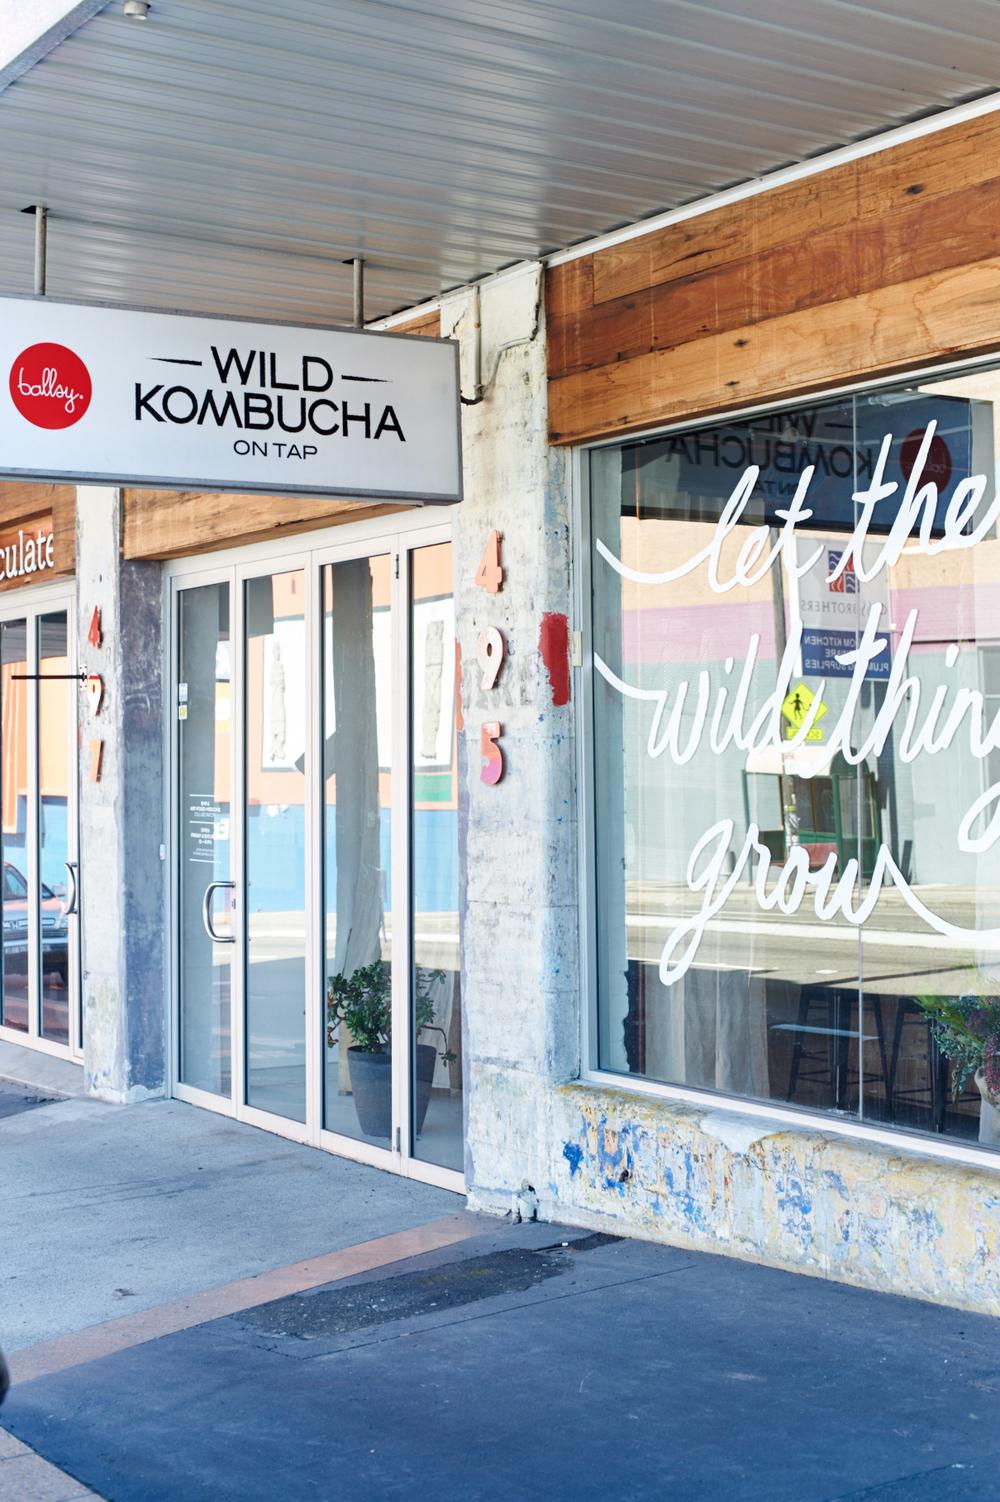 wild_kombucha_credit_maclay_heriot_035.jpg